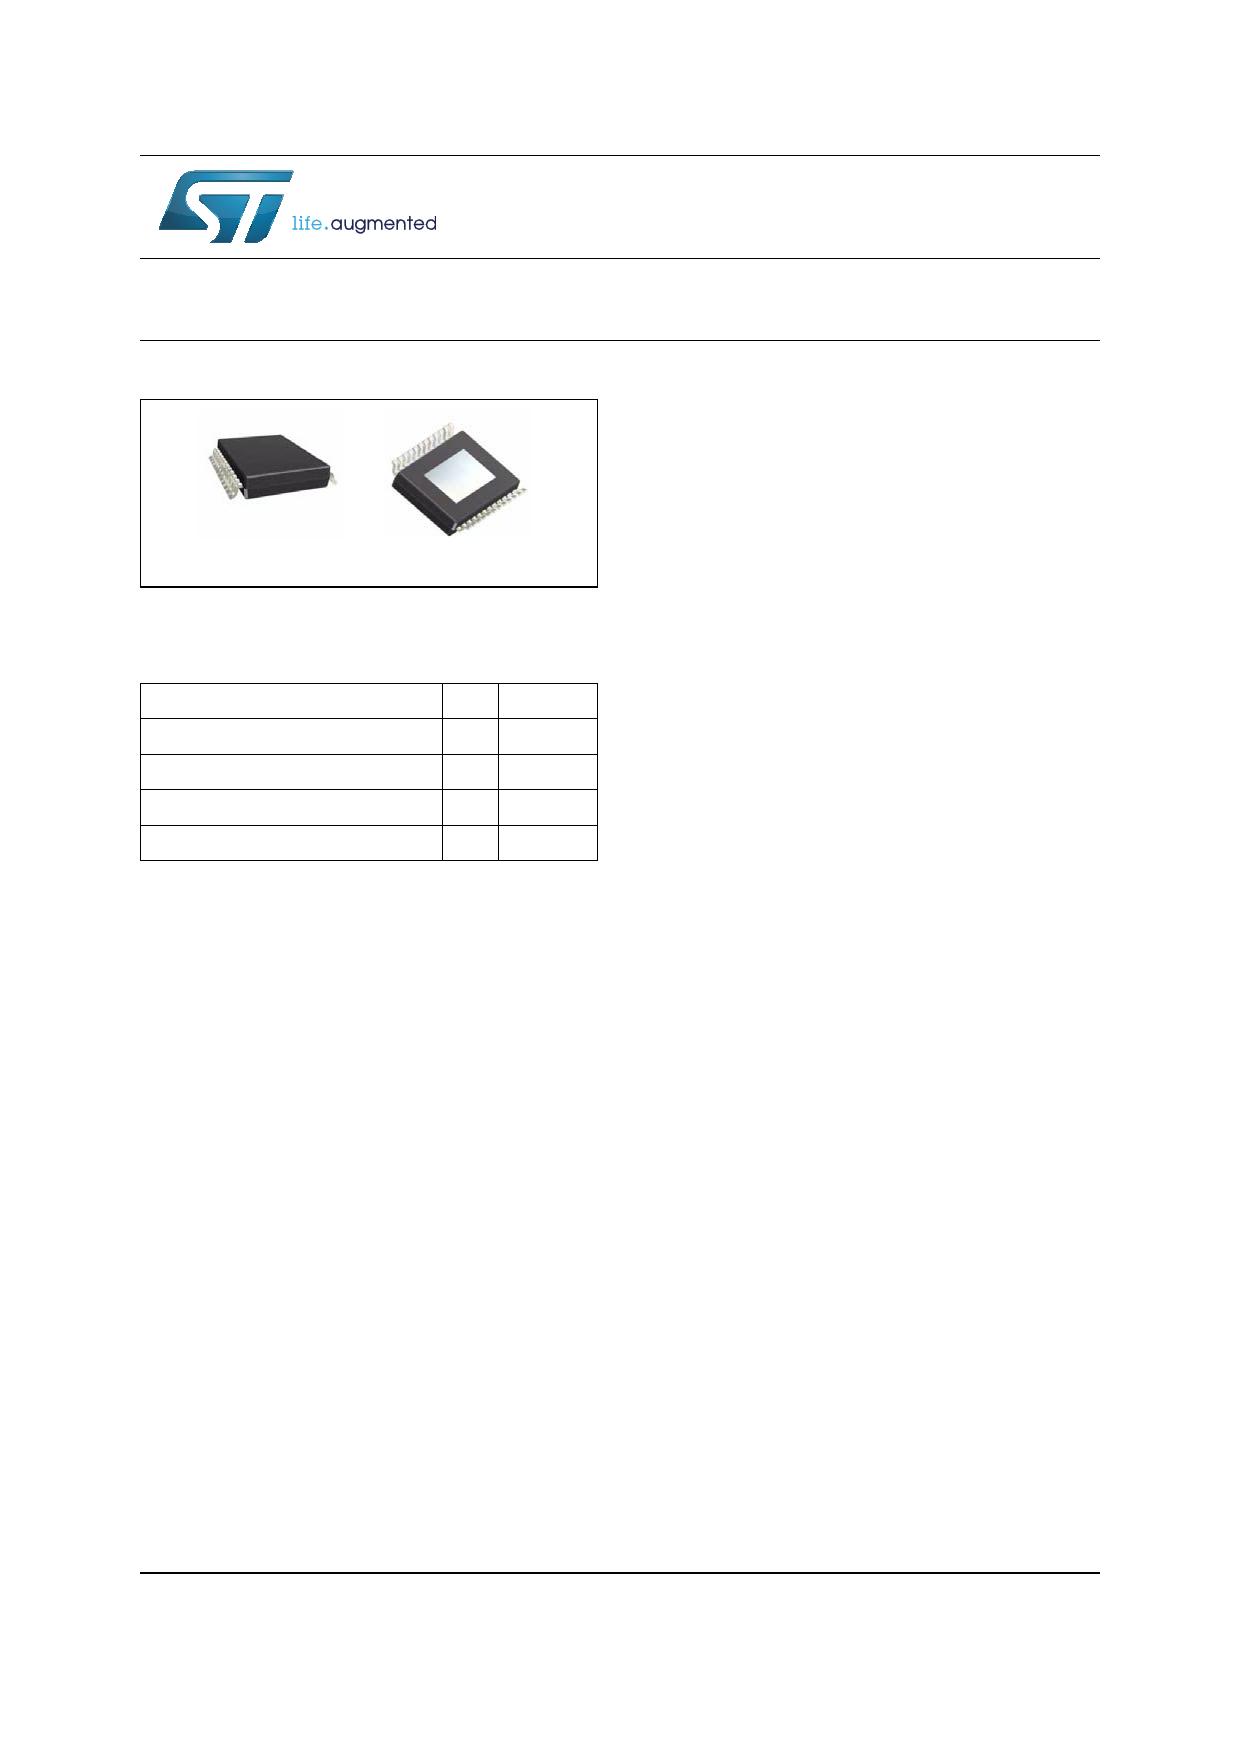 VPS2535H datasheet, circuit